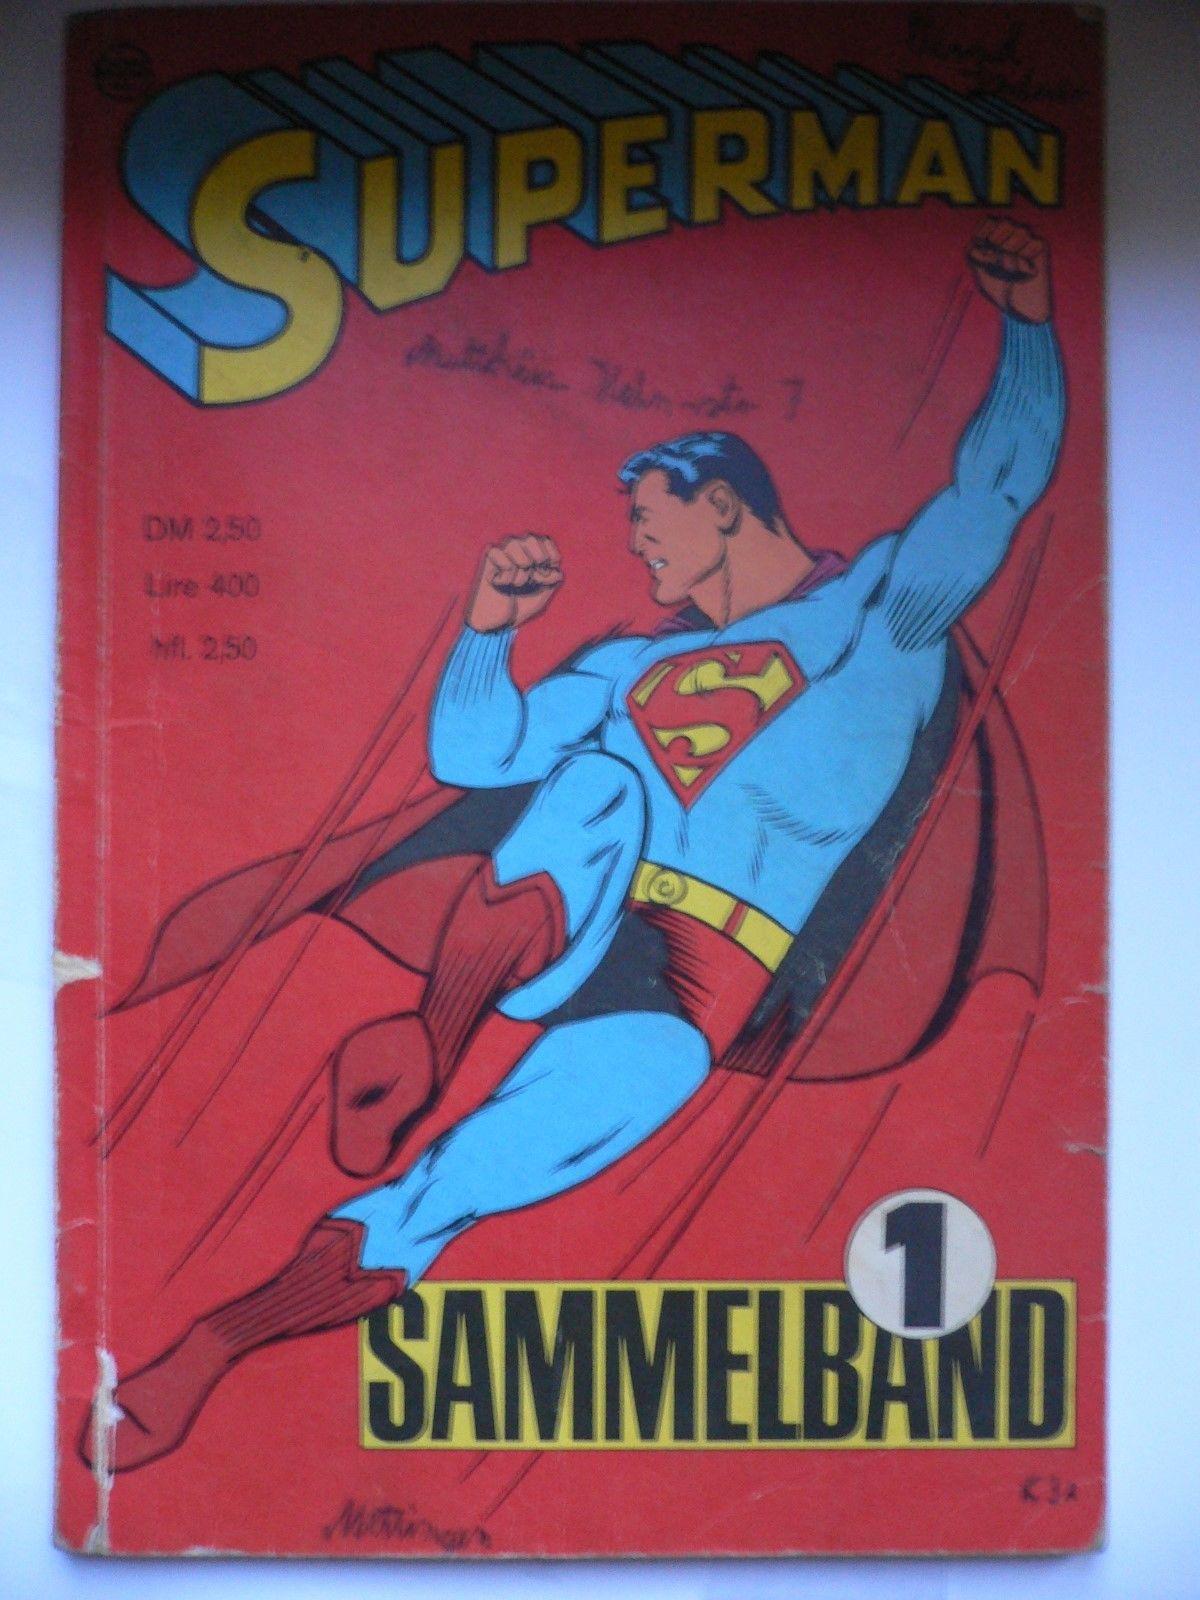 Superman Sammelband Heft 1 Jahr 1966 Z2-